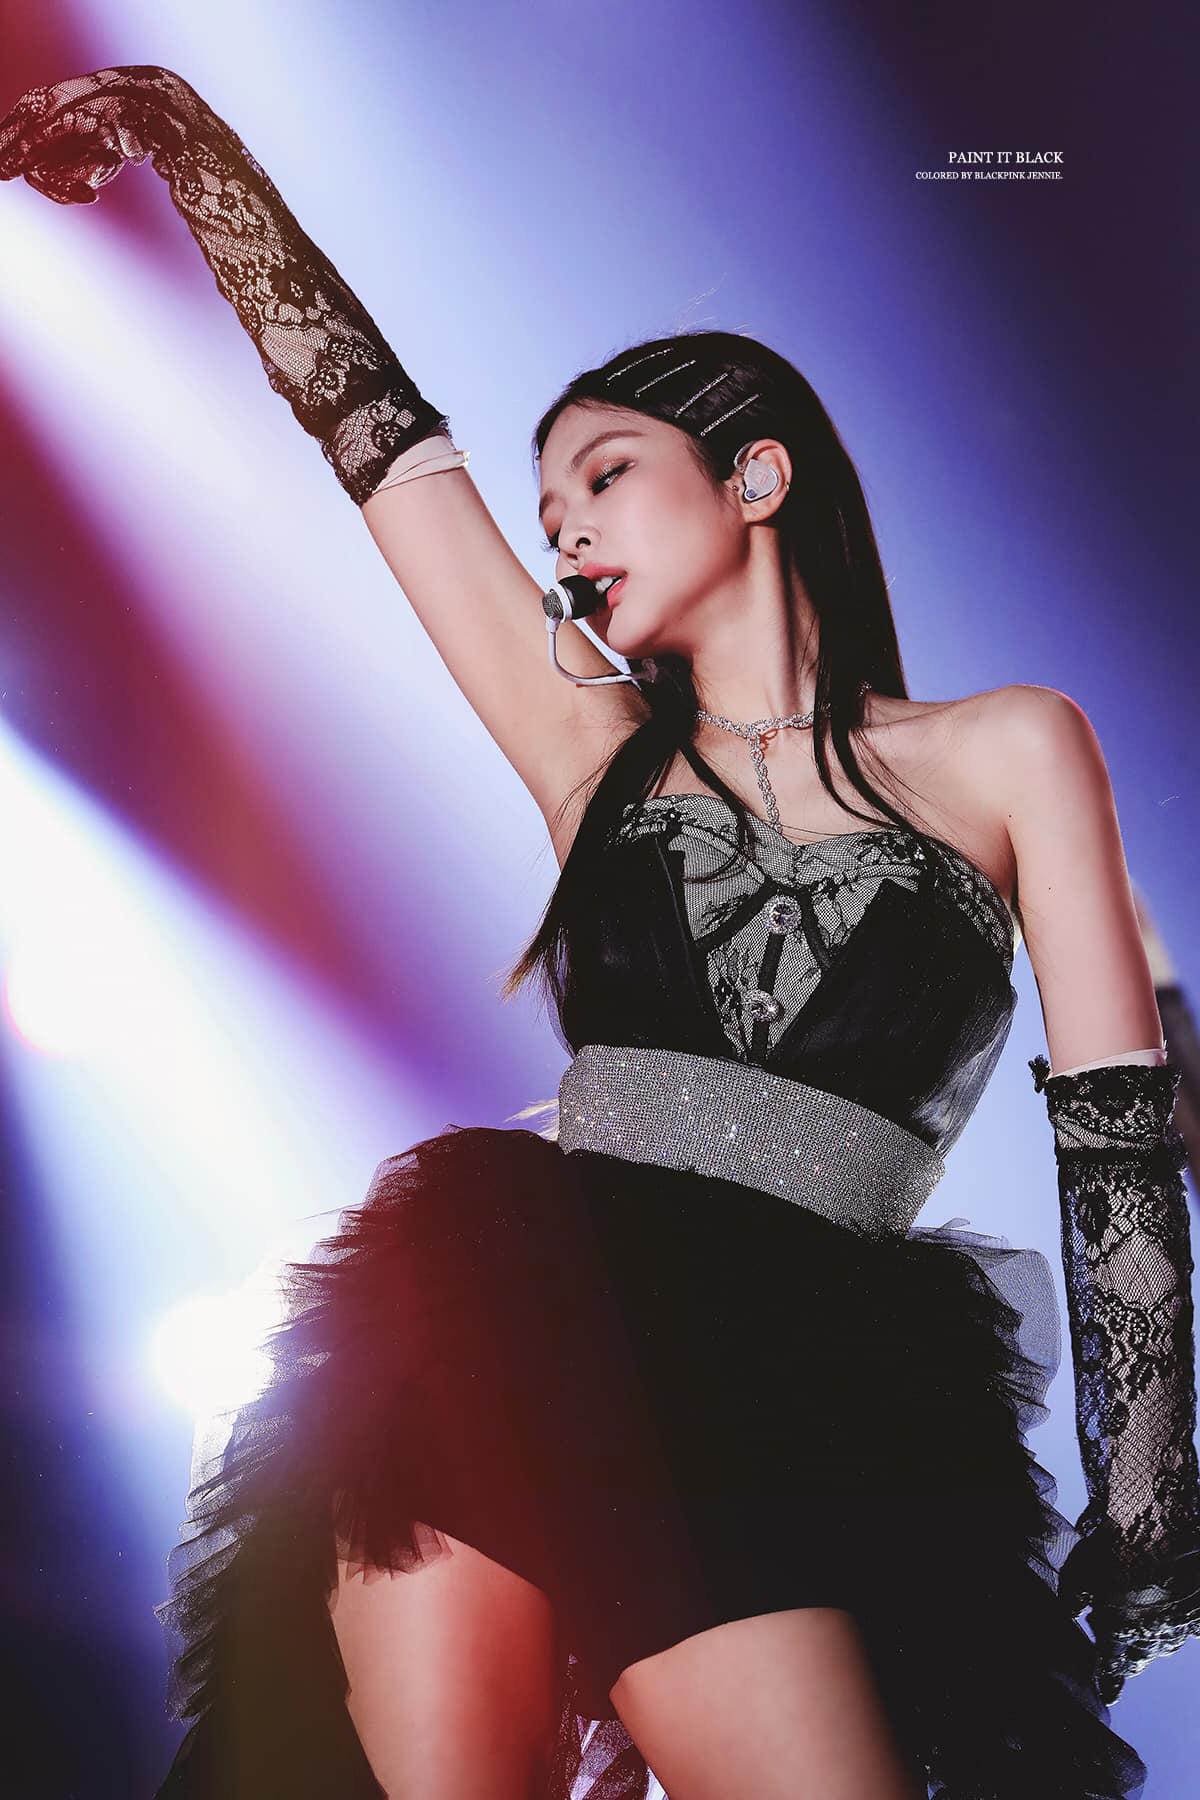 Sắp kỷ niệm 2 năm ngày debut với SOLO, cùng điểm lại những set đồ iconic nhất trong đợt quảng bá của Jennie - Ảnh 6.